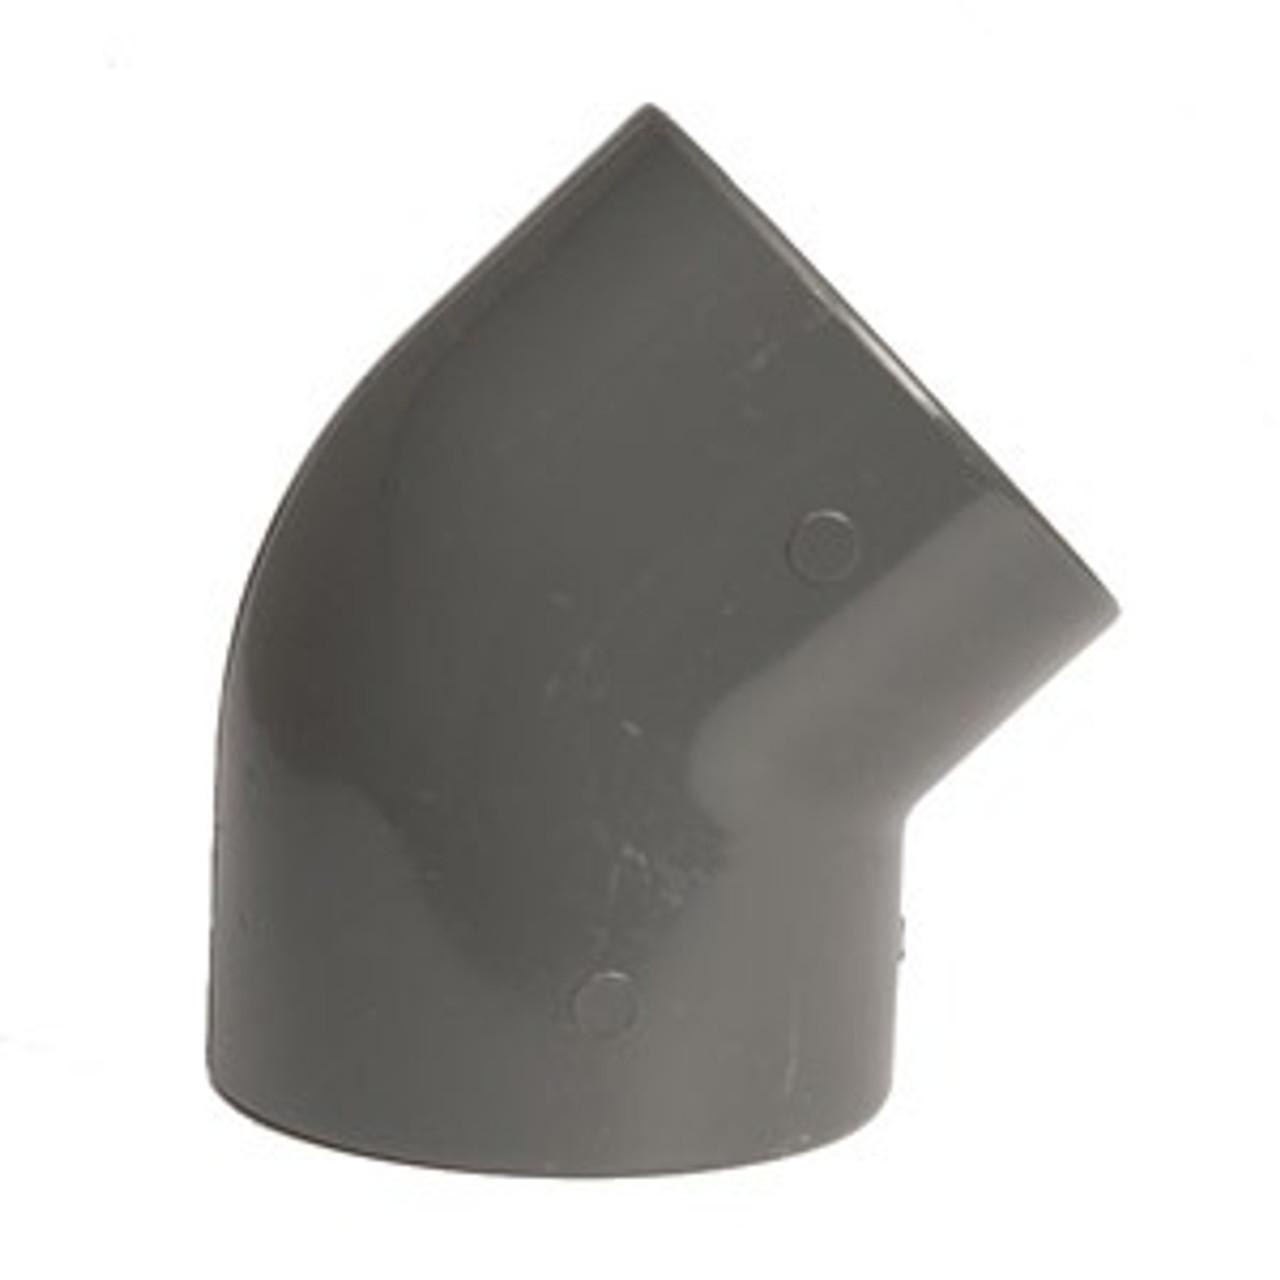 +GF+   Elbow 45 PVC-U  32mm (721150108)